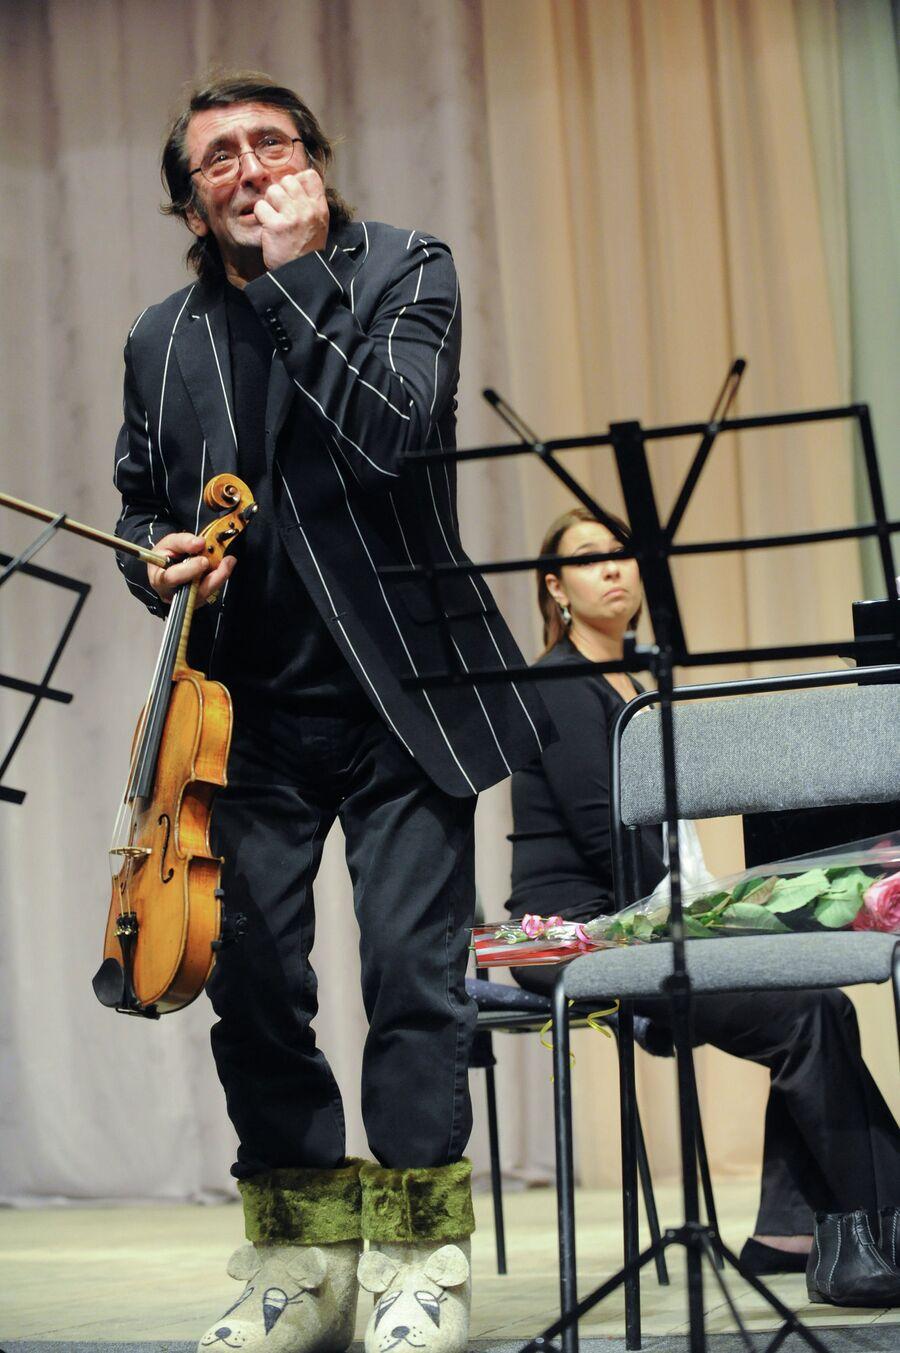 Музыкант и дирижер Юрий Башмет на концерте в Мышкине